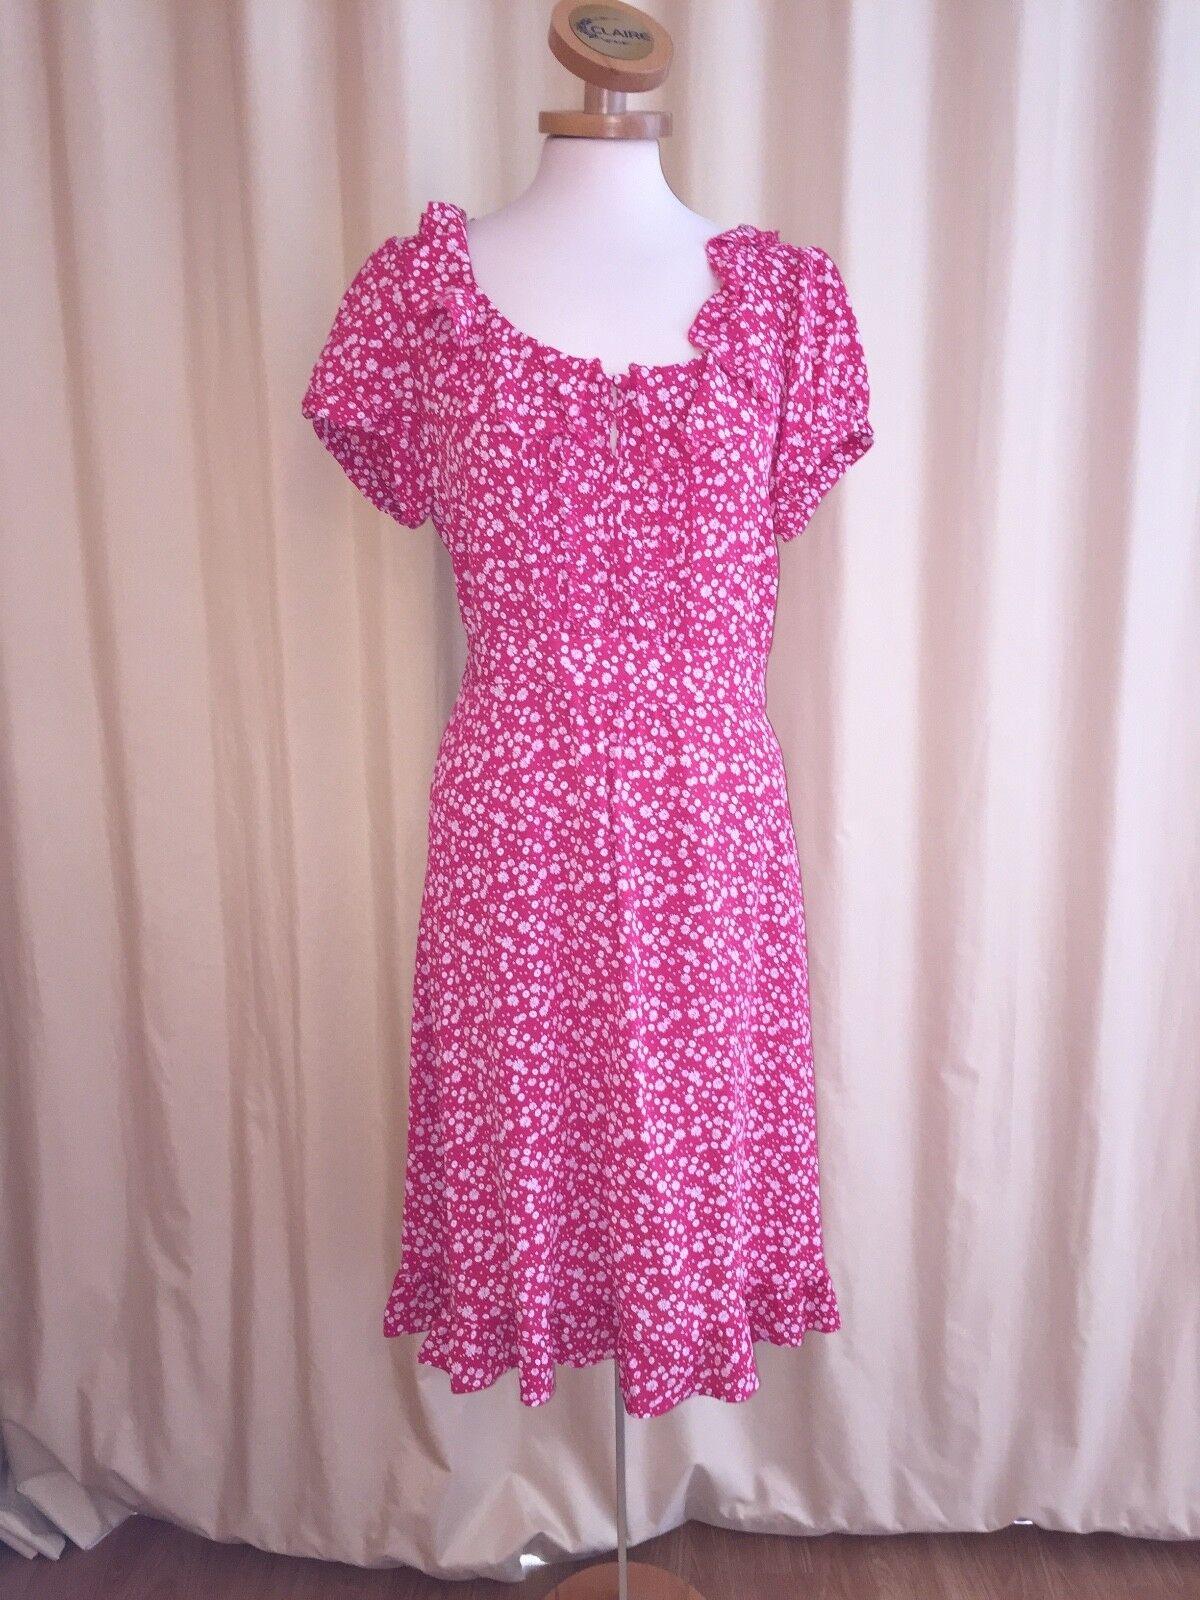 Rosa-weiß geblümtes Kleid von Monsoon Gr 42